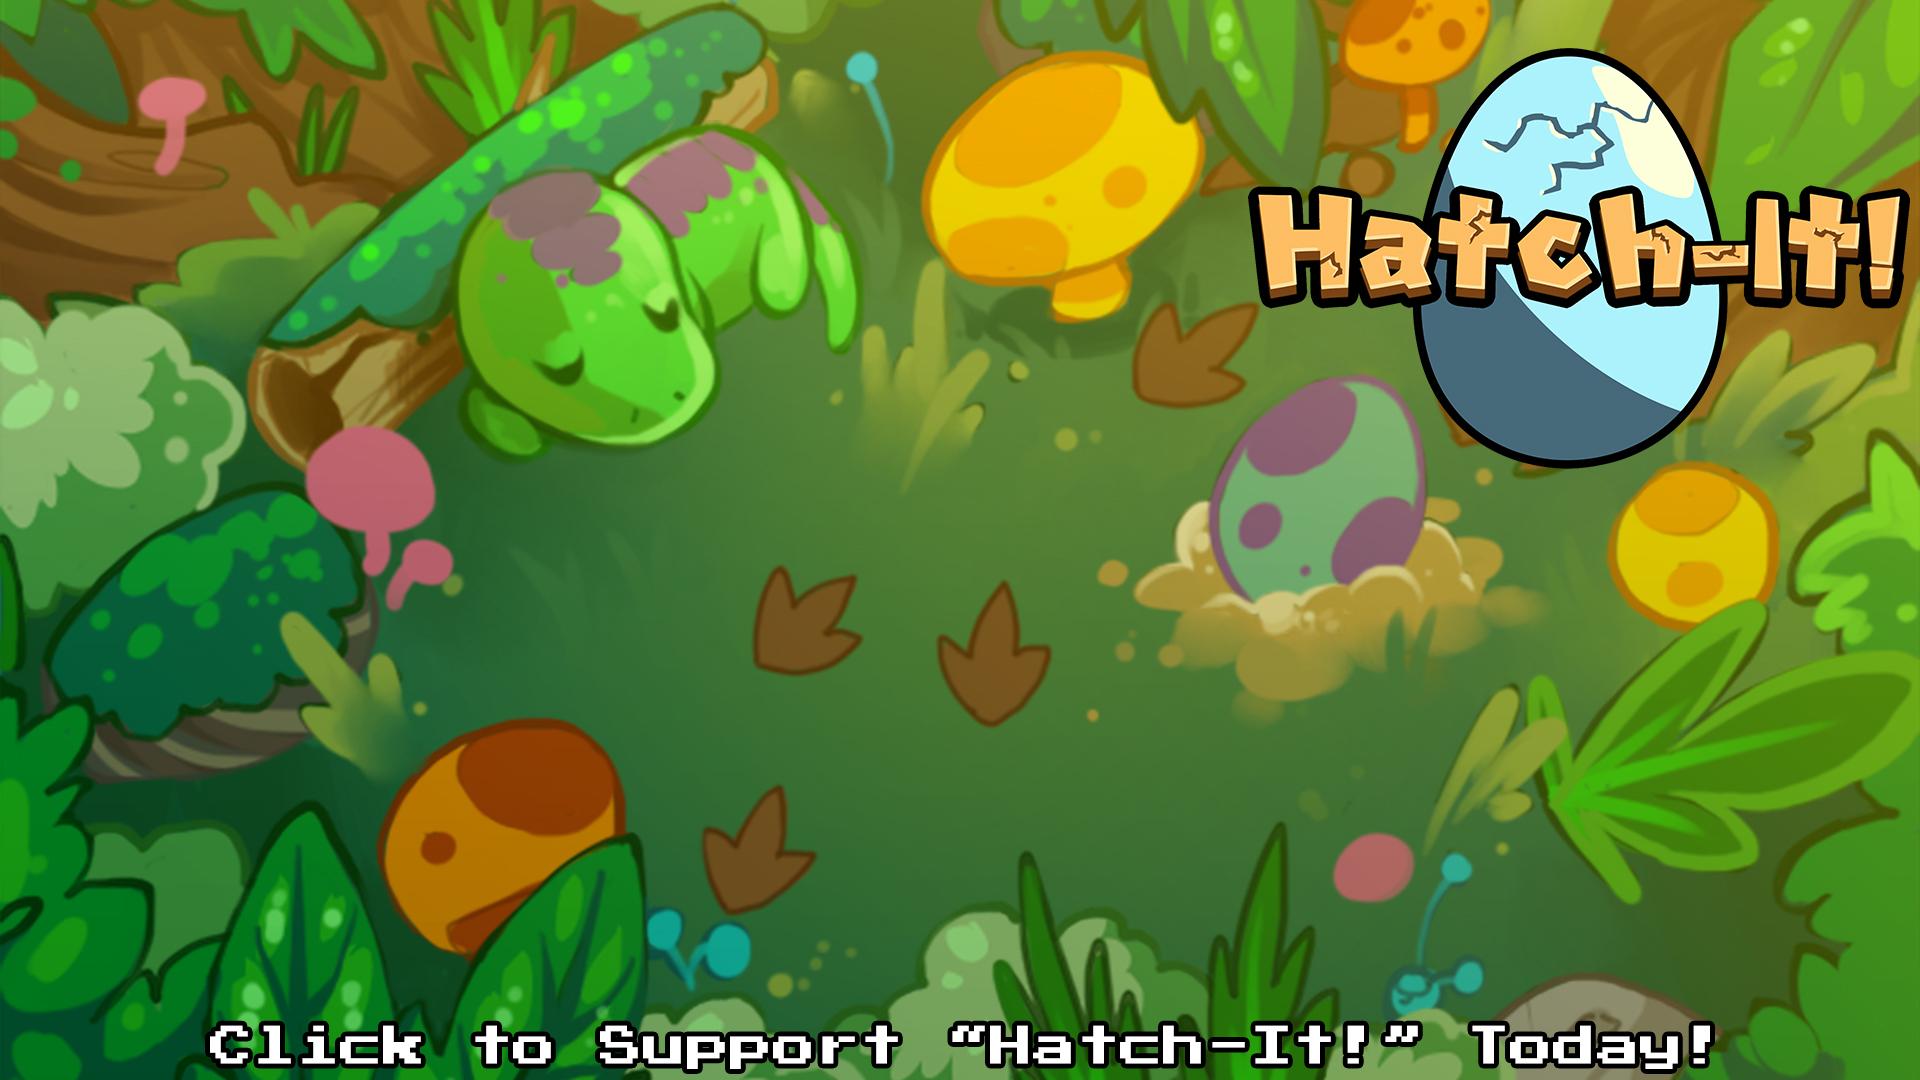 Hatch-It